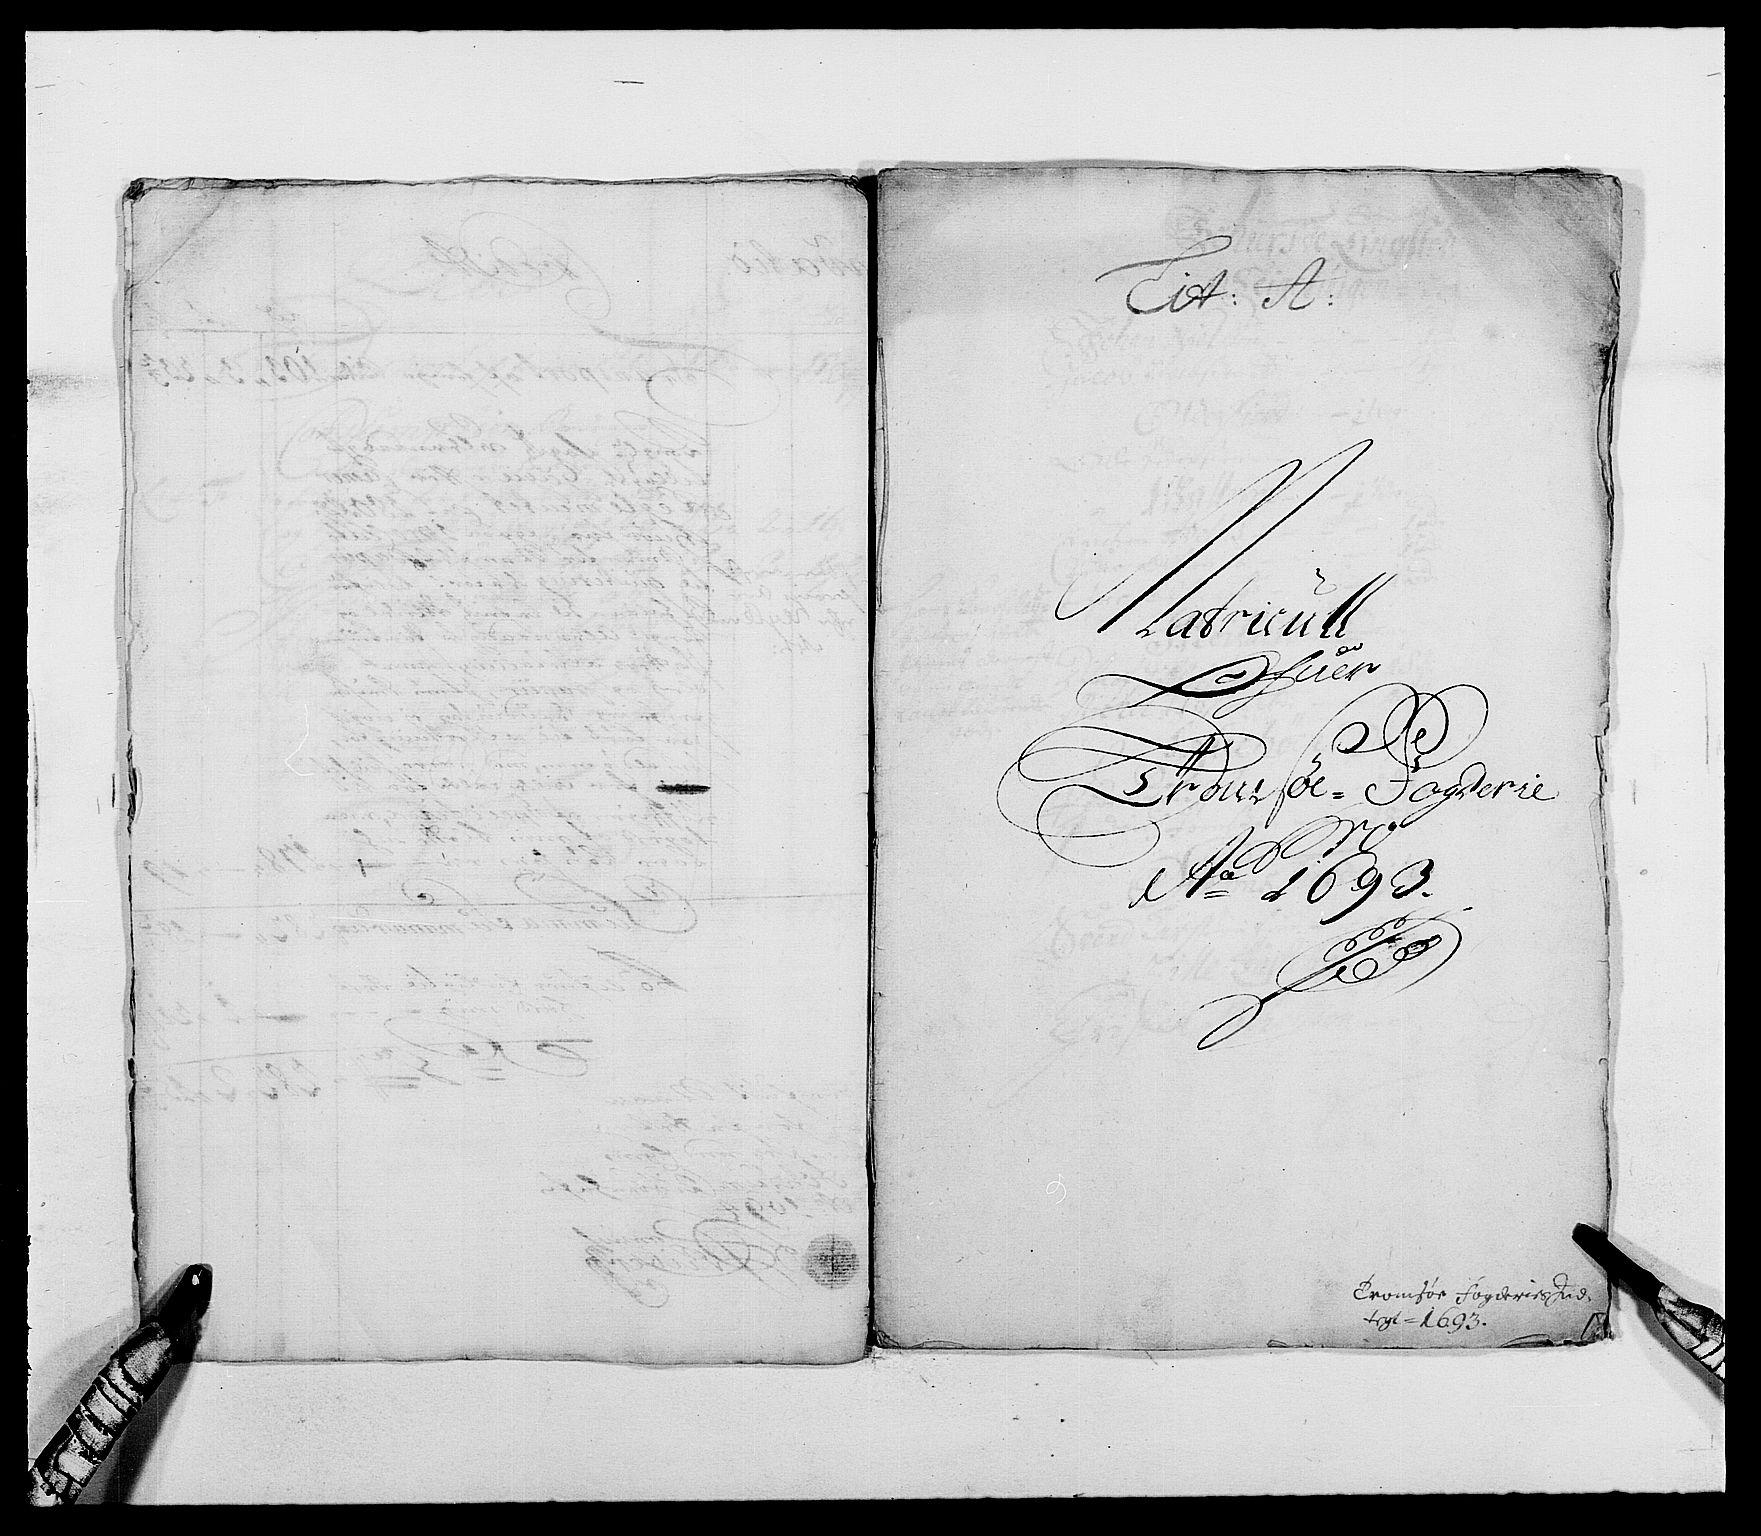 RA, Rentekammeret inntil 1814, Reviderte regnskaper, Fogderegnskap, R68/L4751: Fogderegnskap Senja og Troms, 1690-1693, s. 286